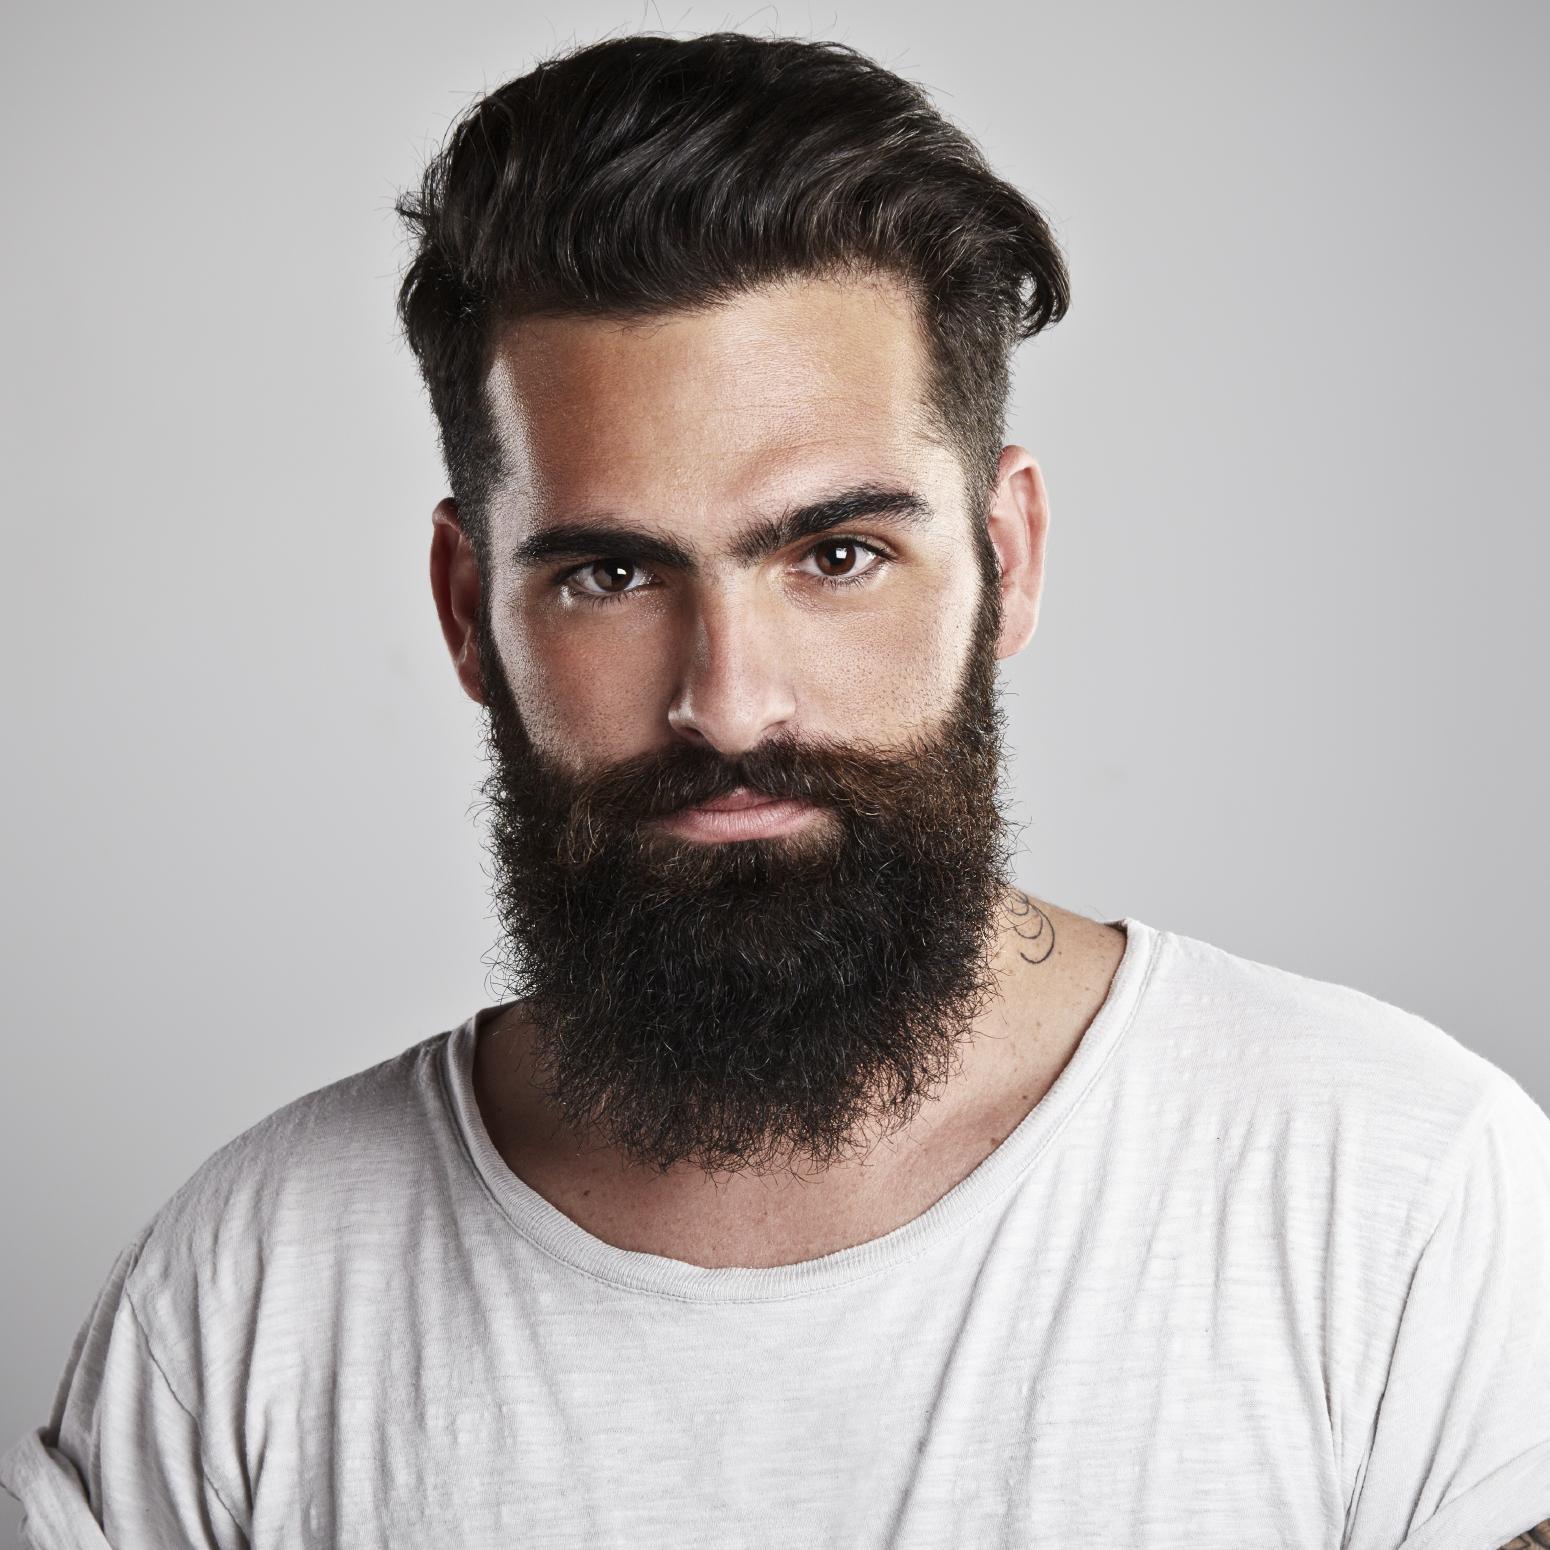 Faire pousser la barbe: un moyen pour séduire